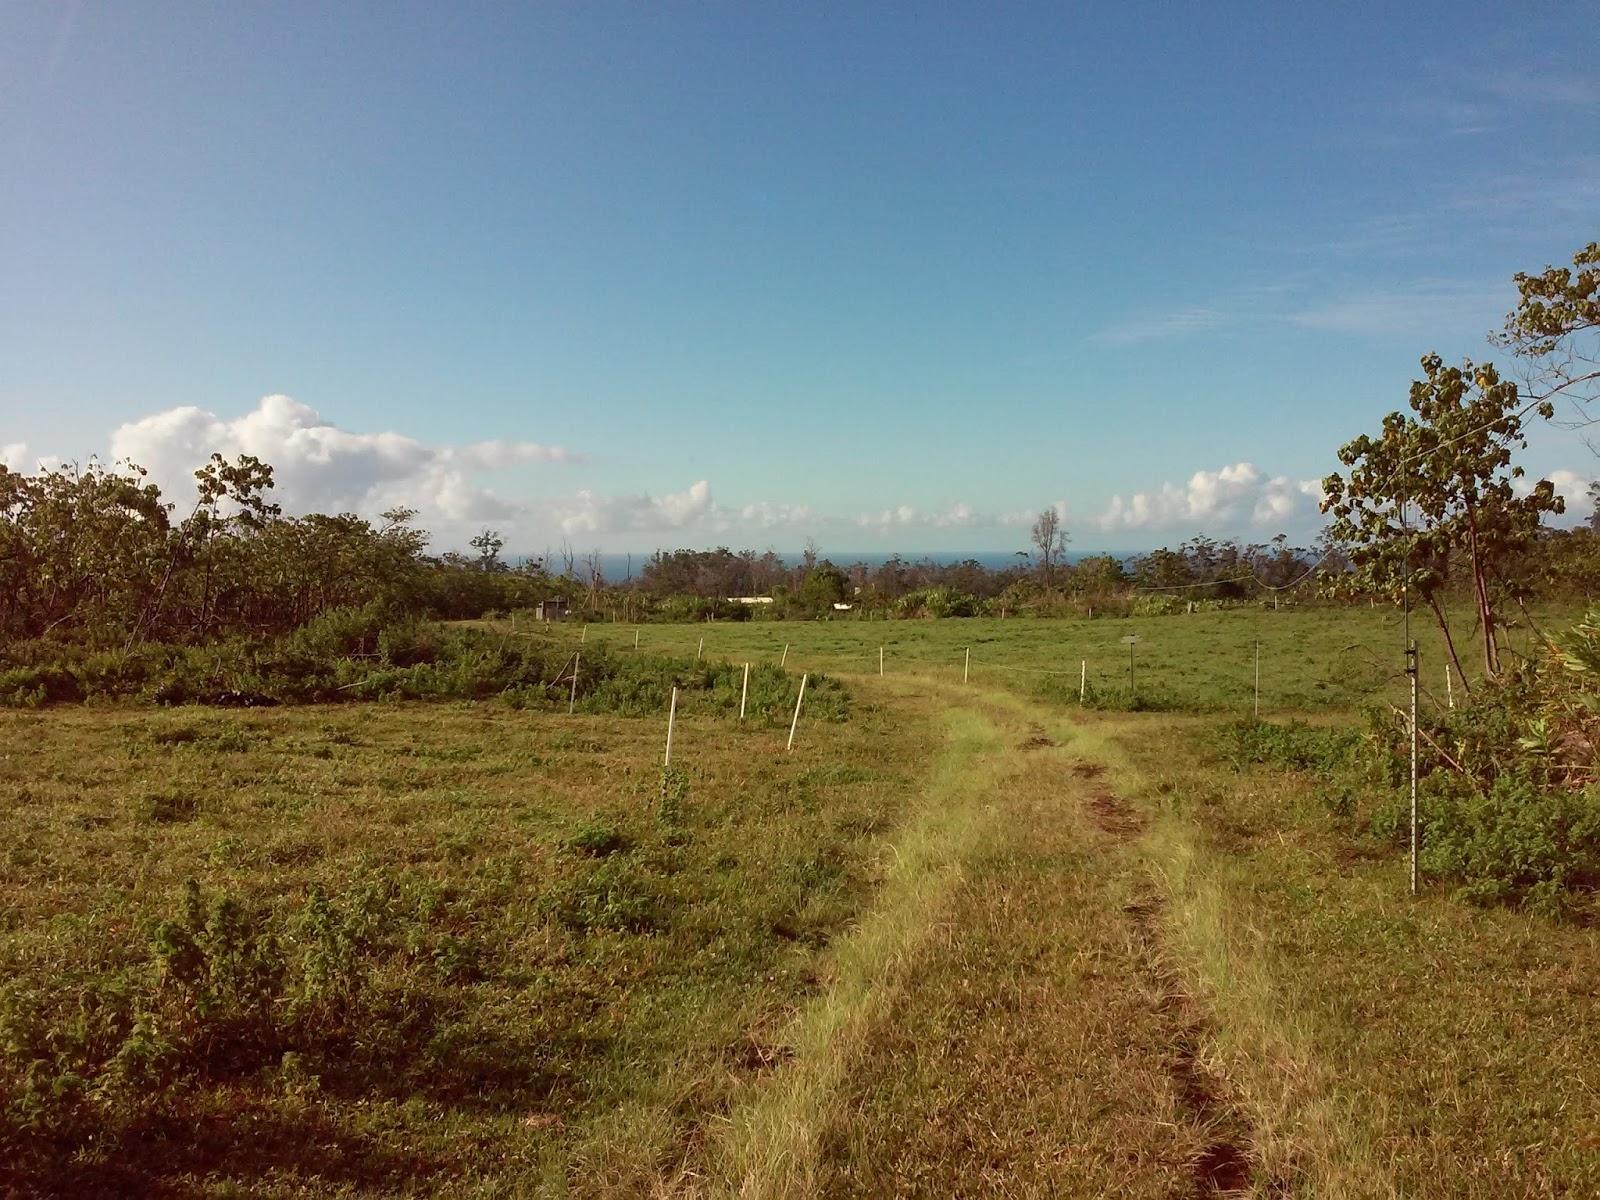 Liz in Hawaii